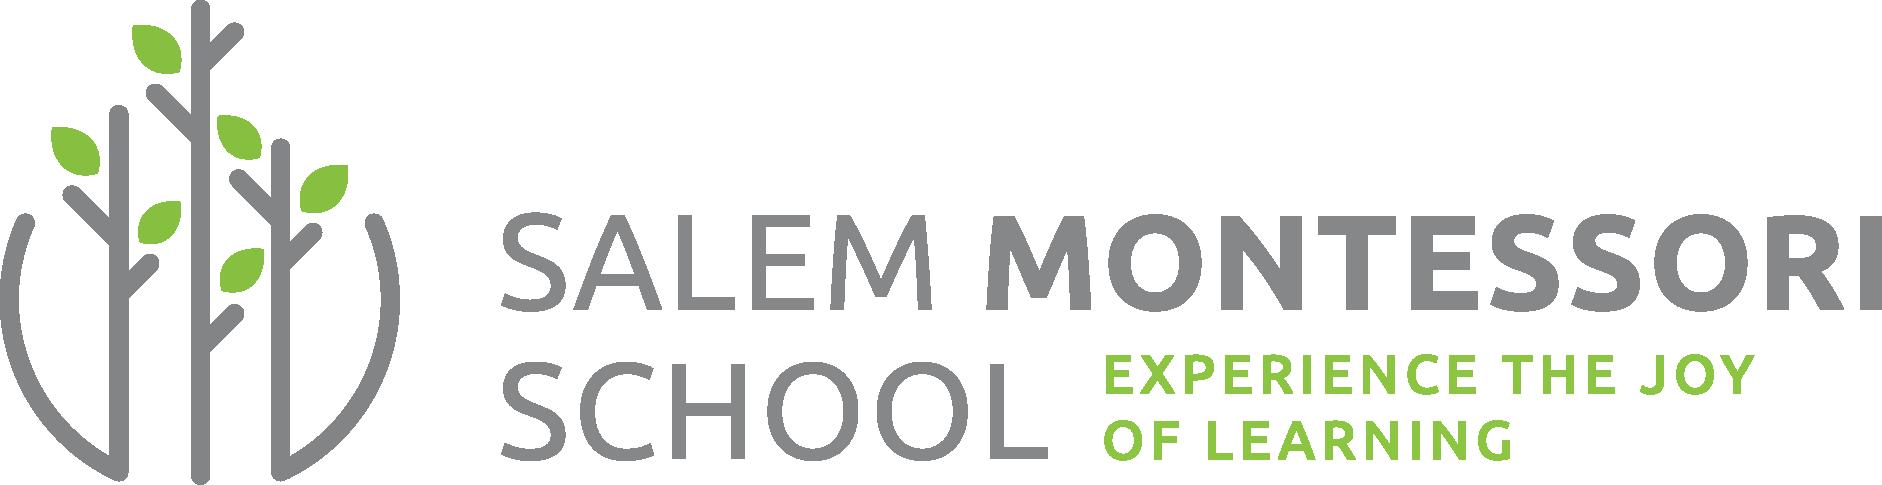 Salem Montessori